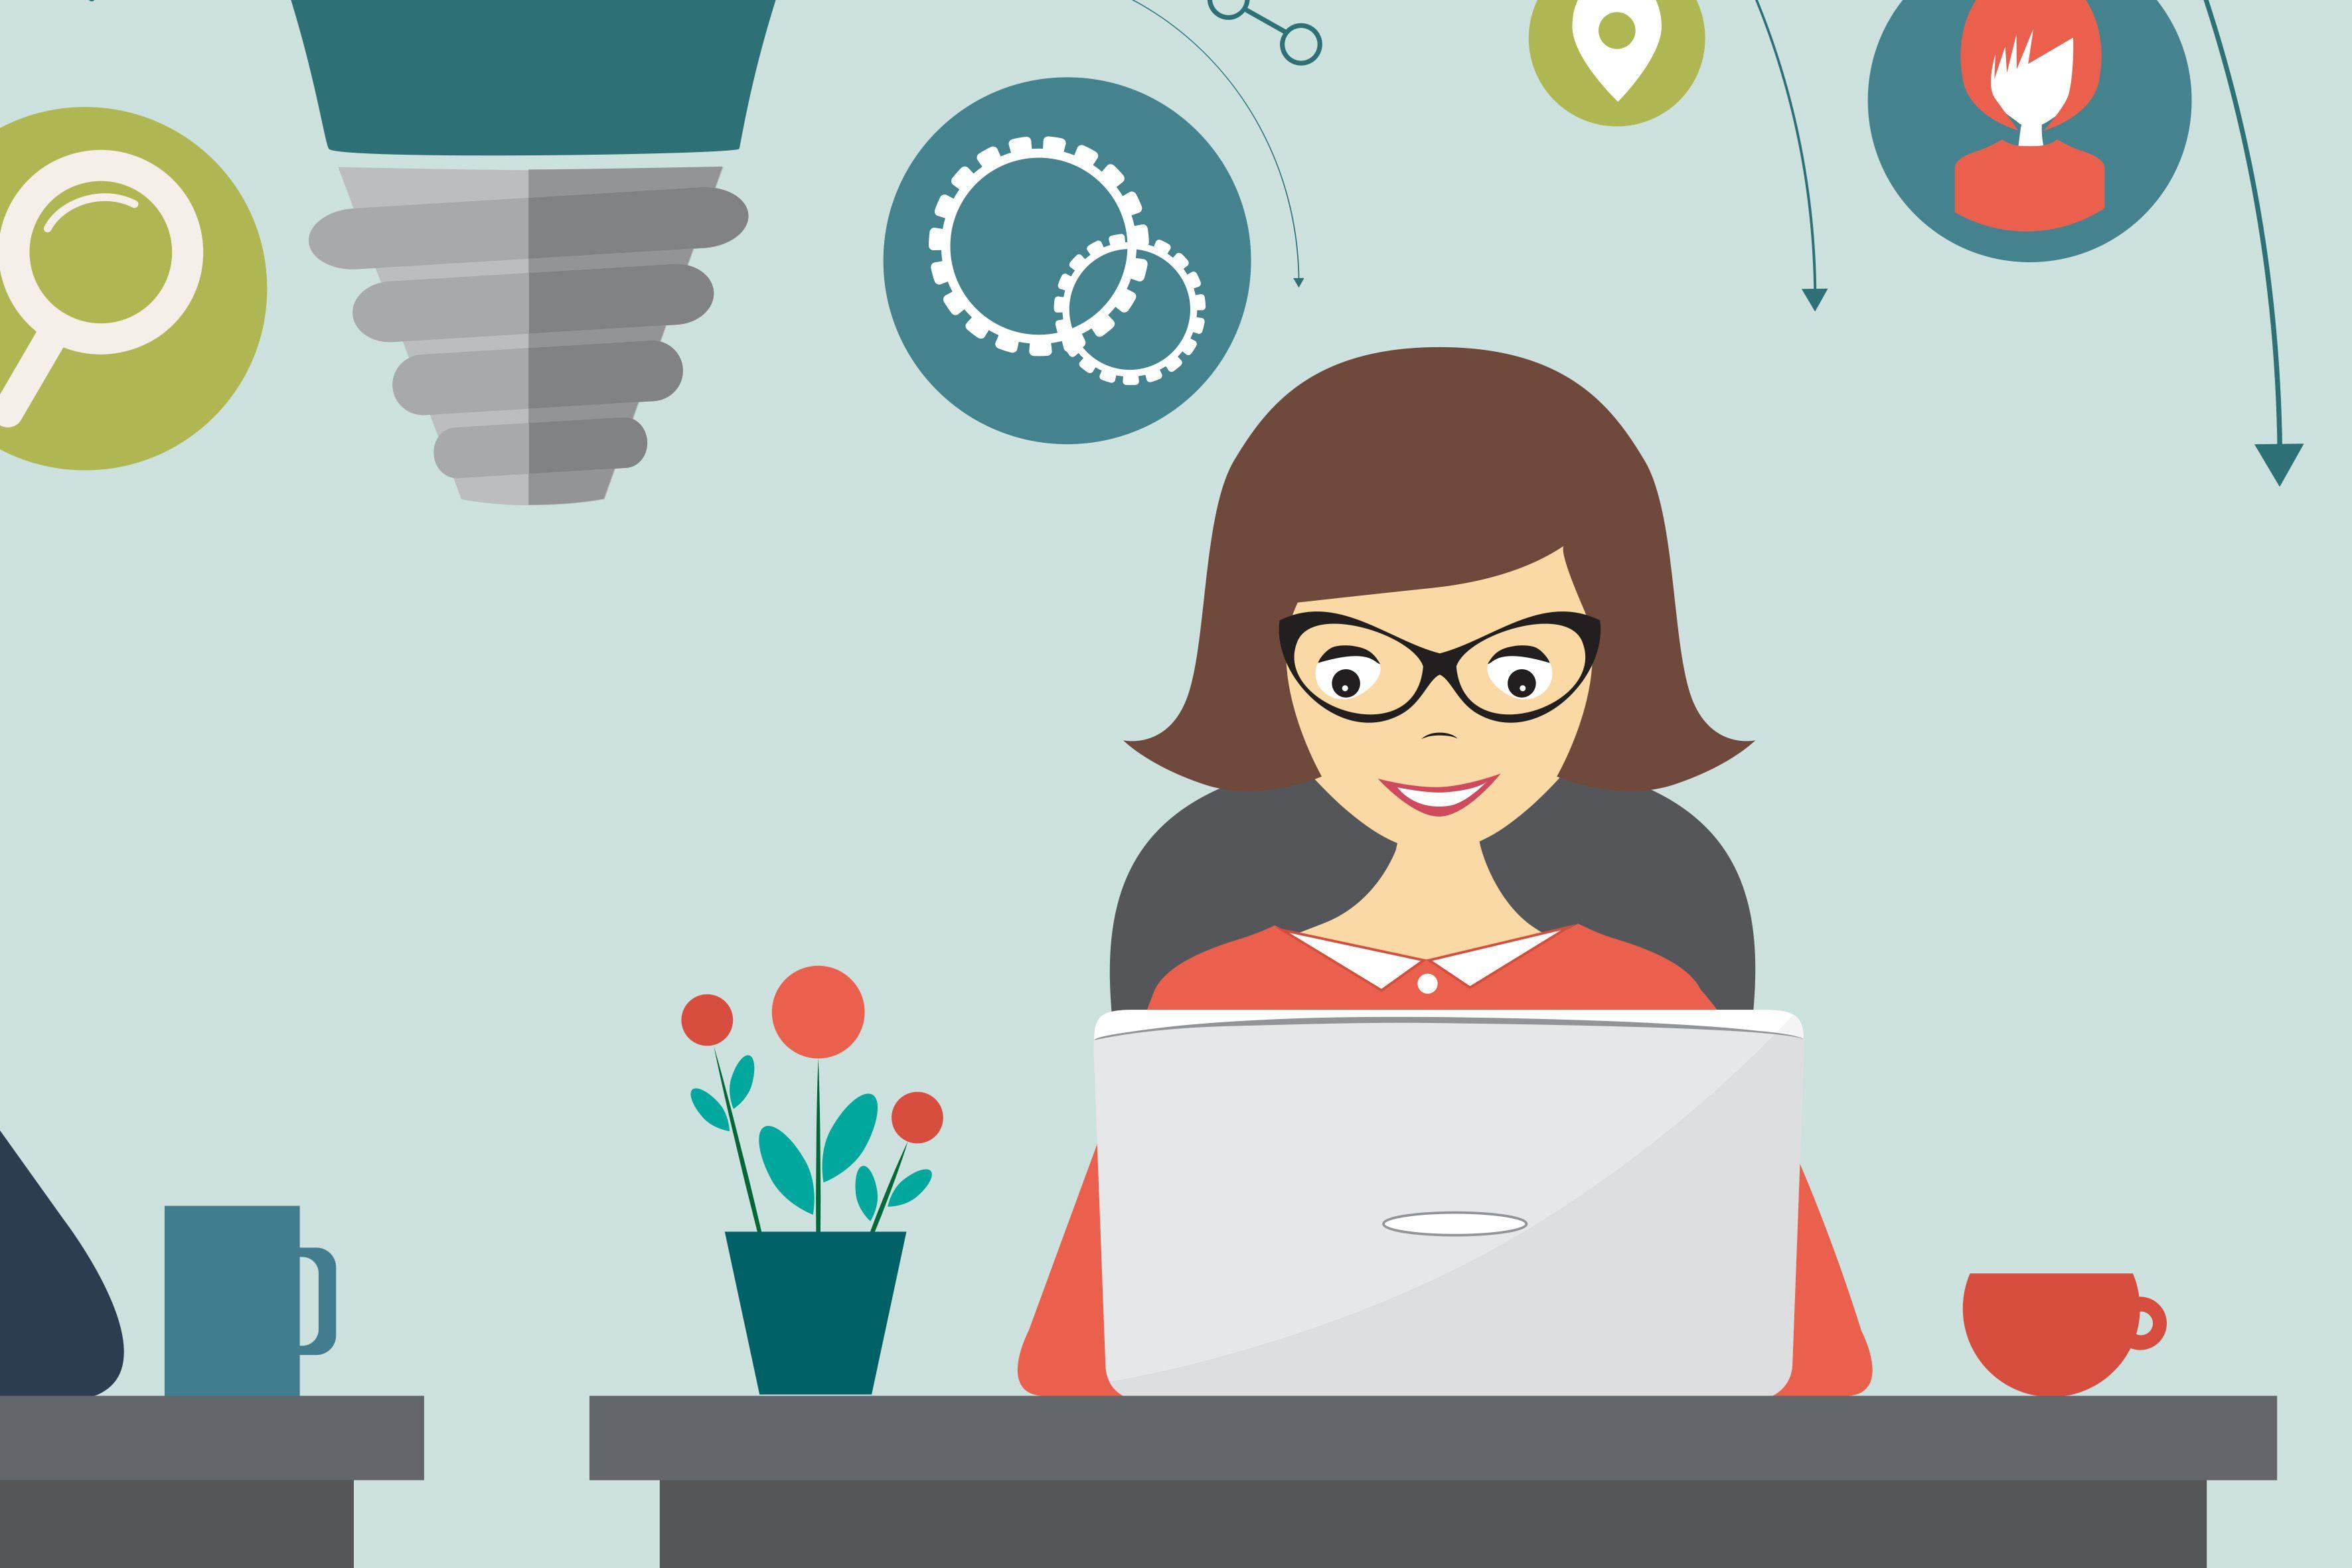 How Women In Stem Fields Can Thrive Women in leadership